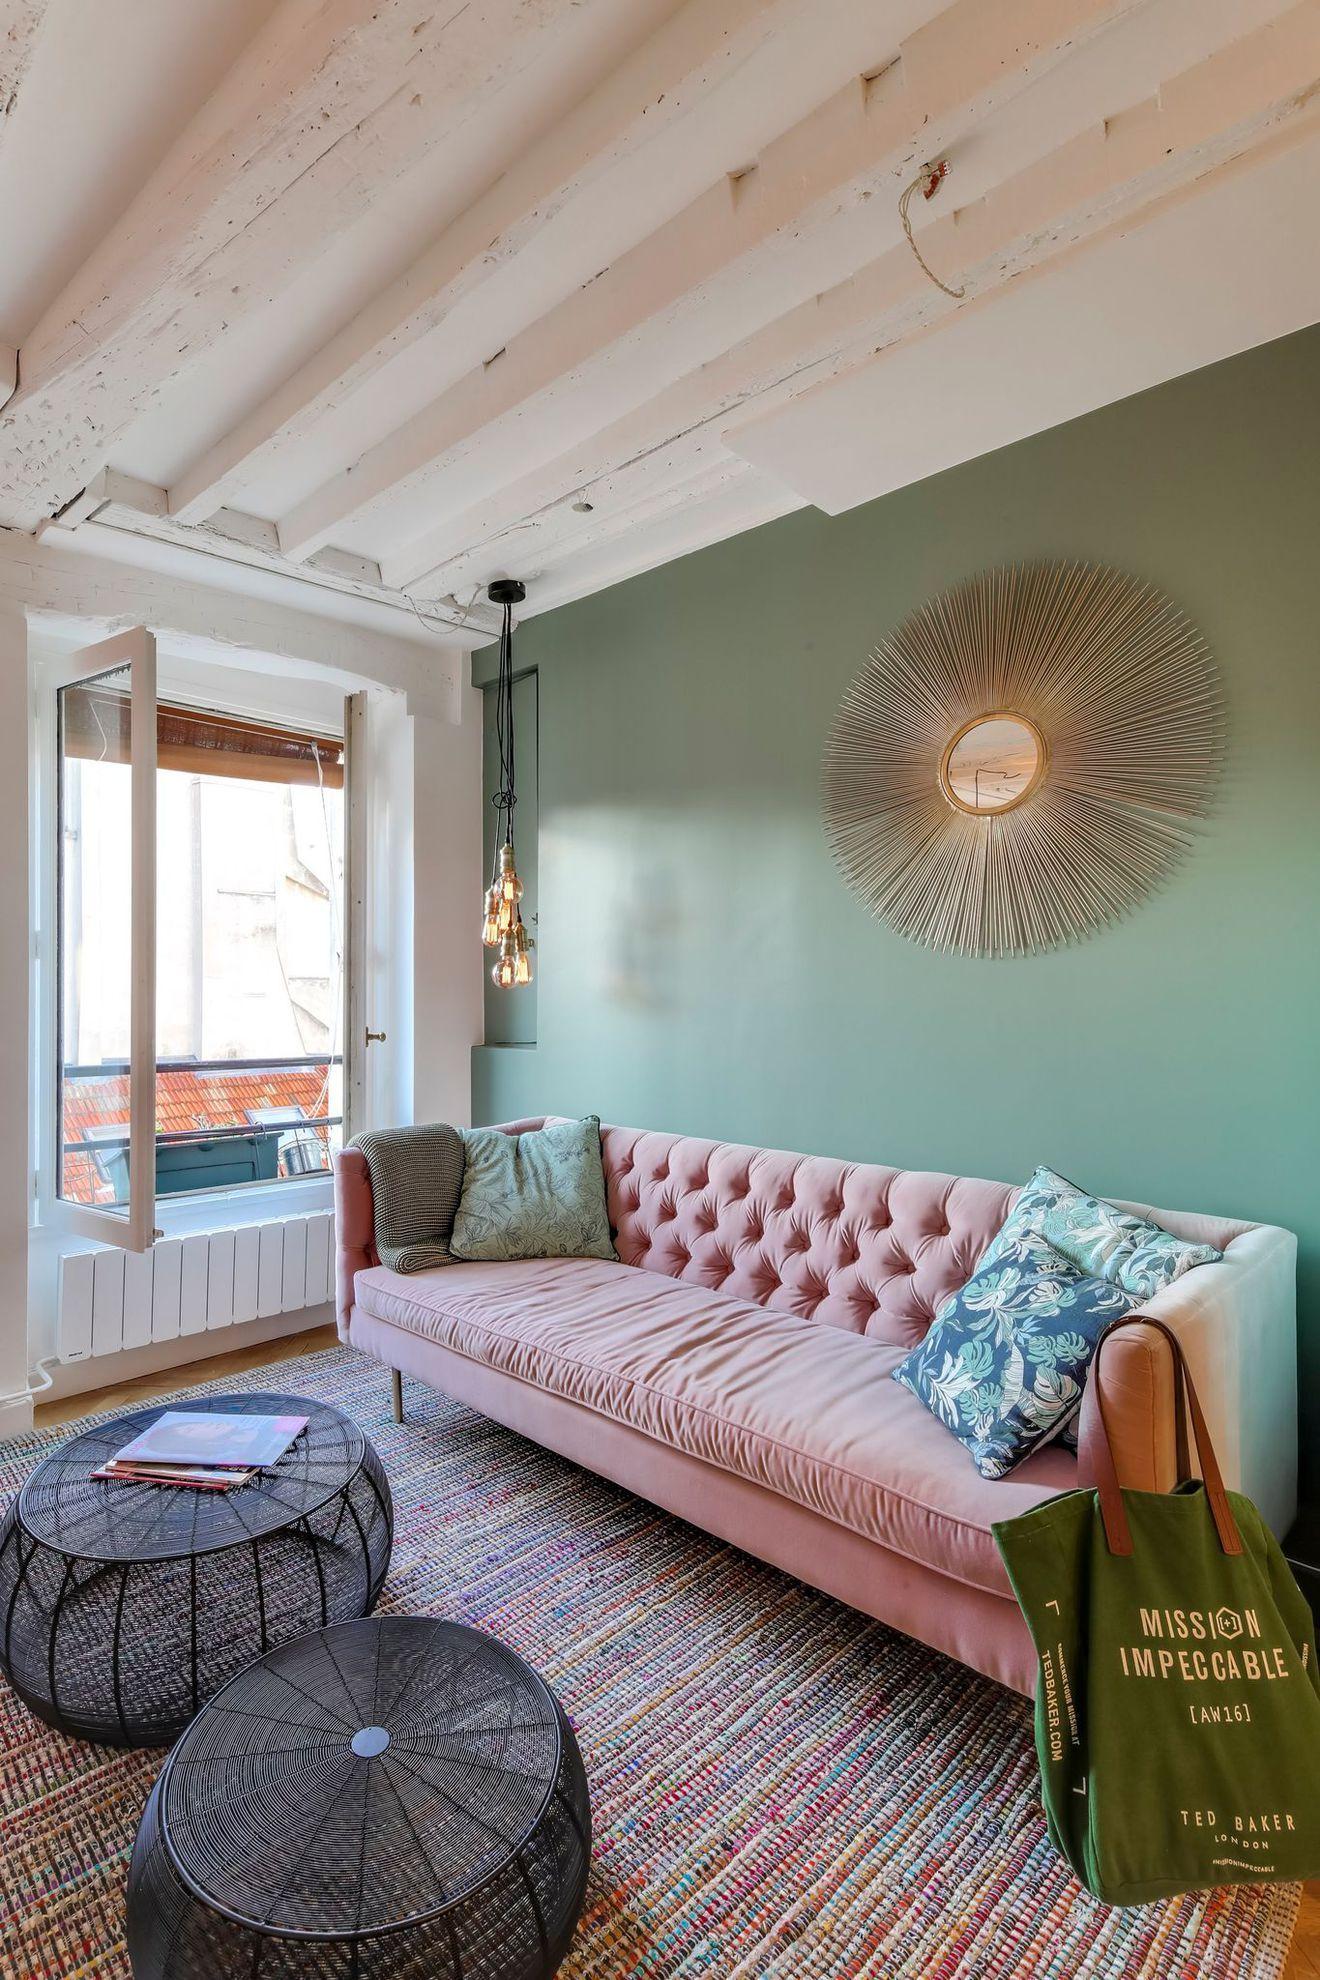 Appartement Paris 17 : 36 m2 ambiance bohème chic